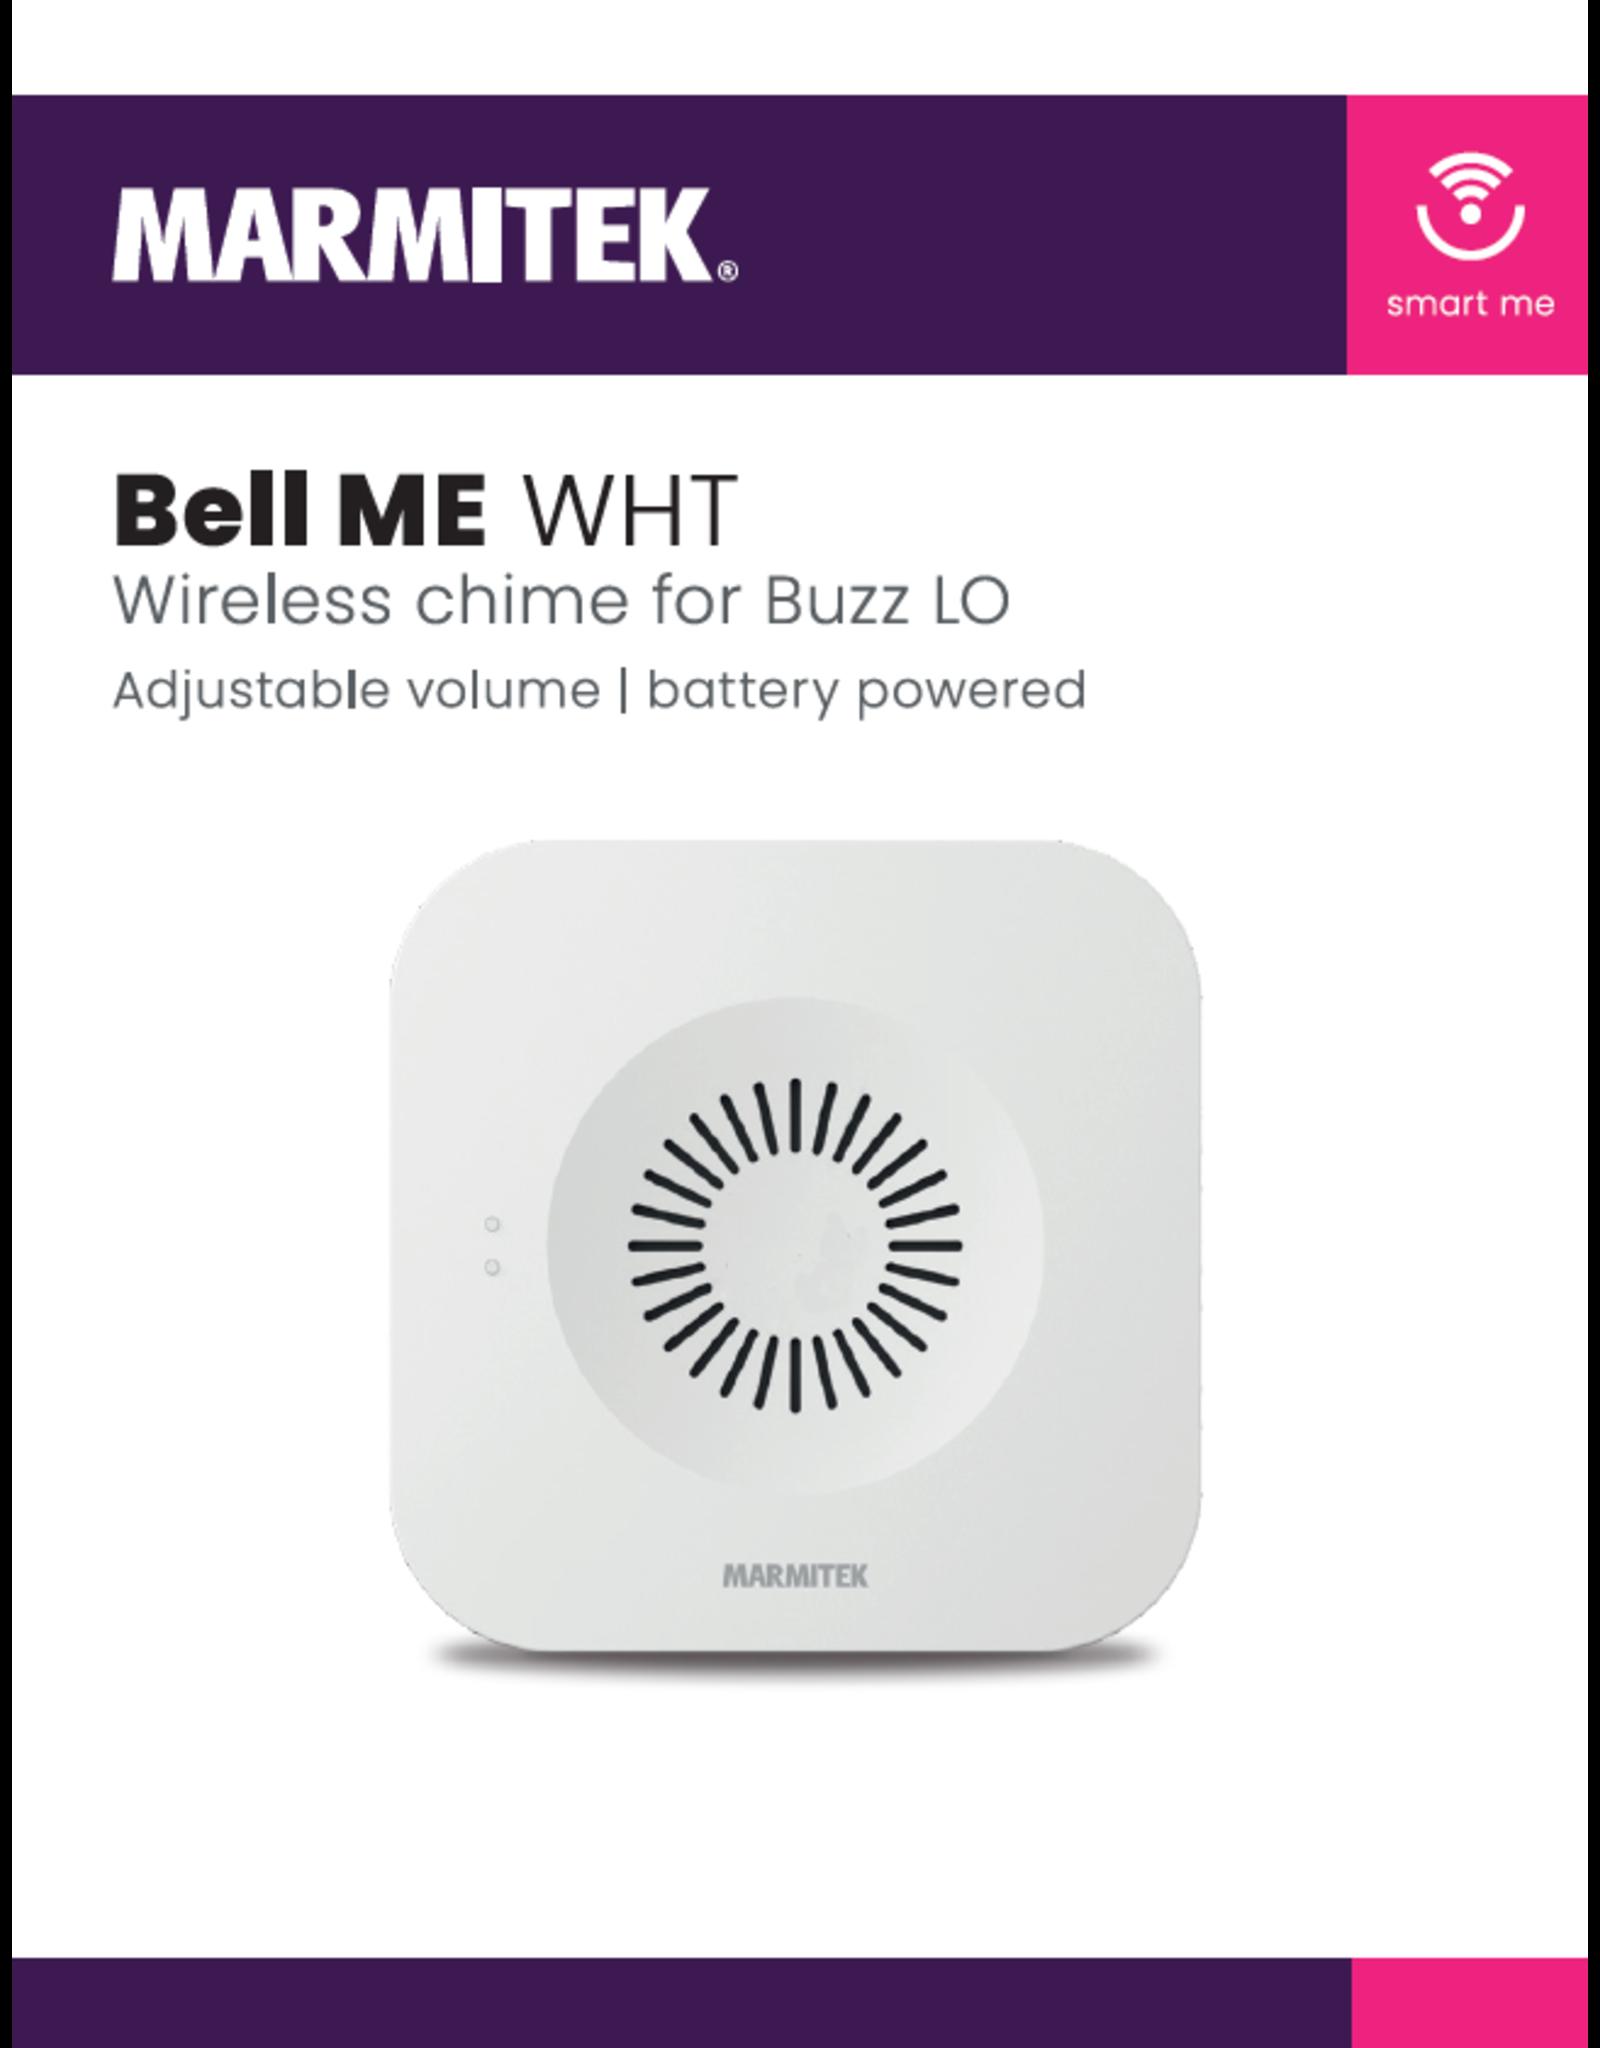 Marmitek Wireless chime for Buzz LO - white - 4x omdoos single